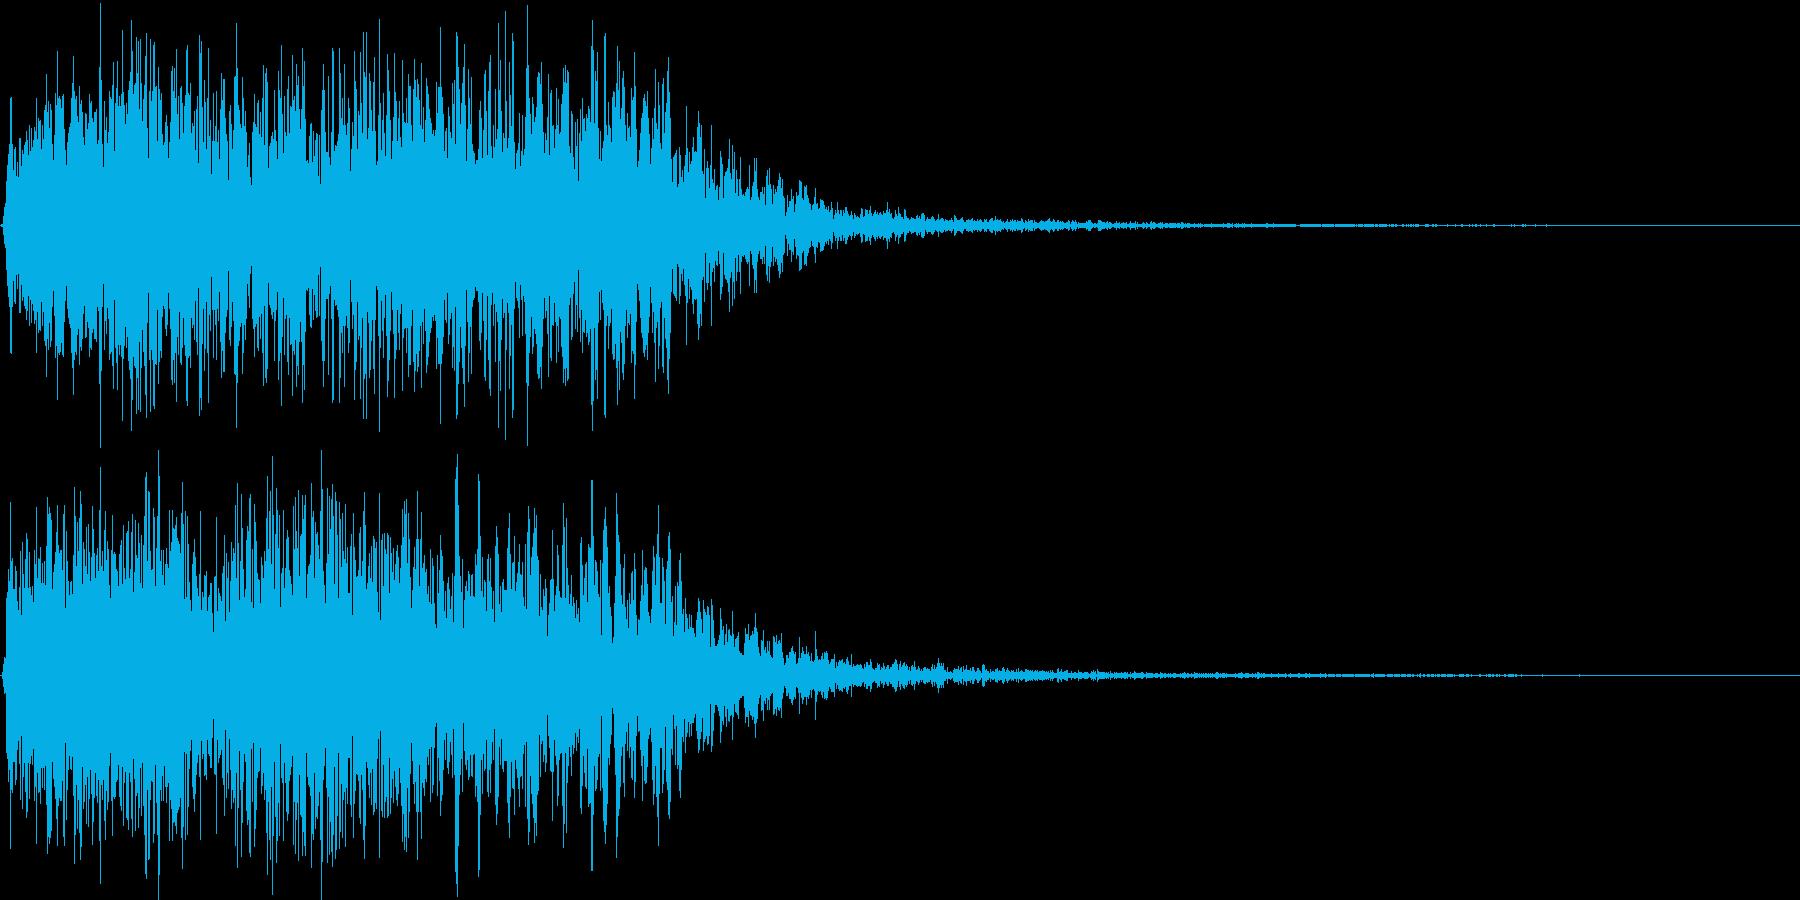 吹きすさぶ風・竜巻系の魔法(高レベル)2の再生済みの波形